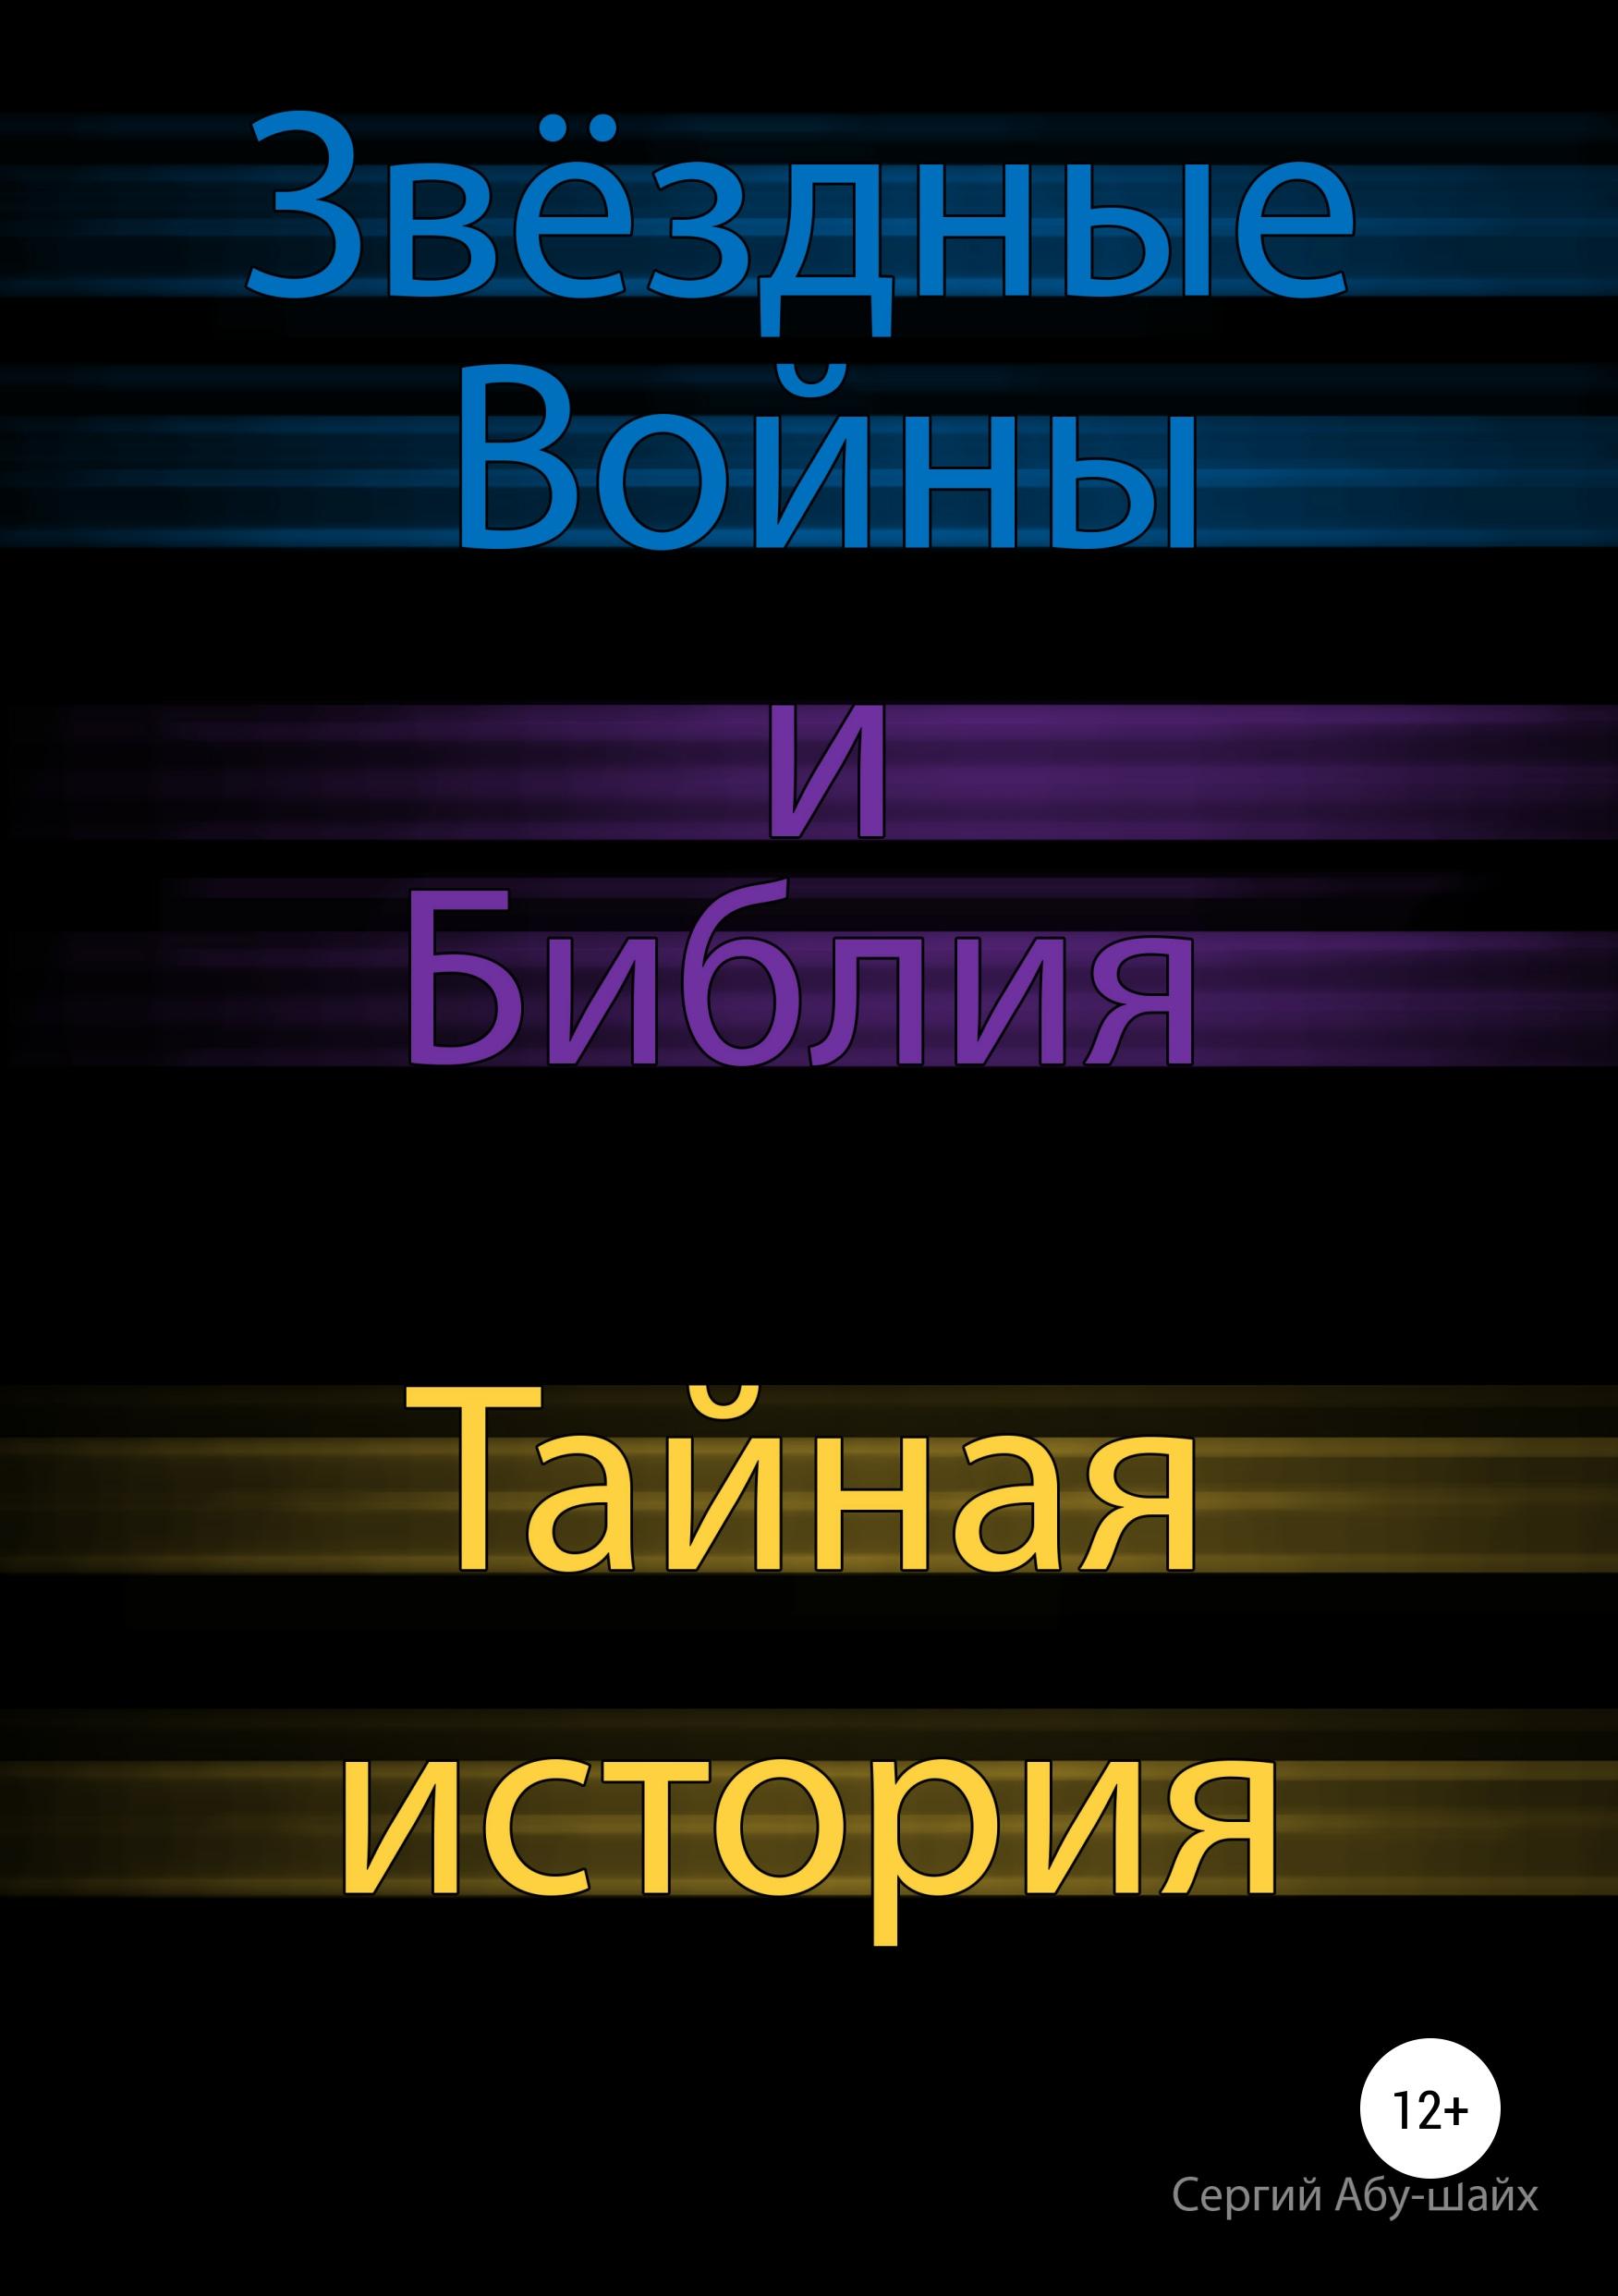 Сергий Сергиев Абу-Шайх Звёздные Войны и Библия: тайная история